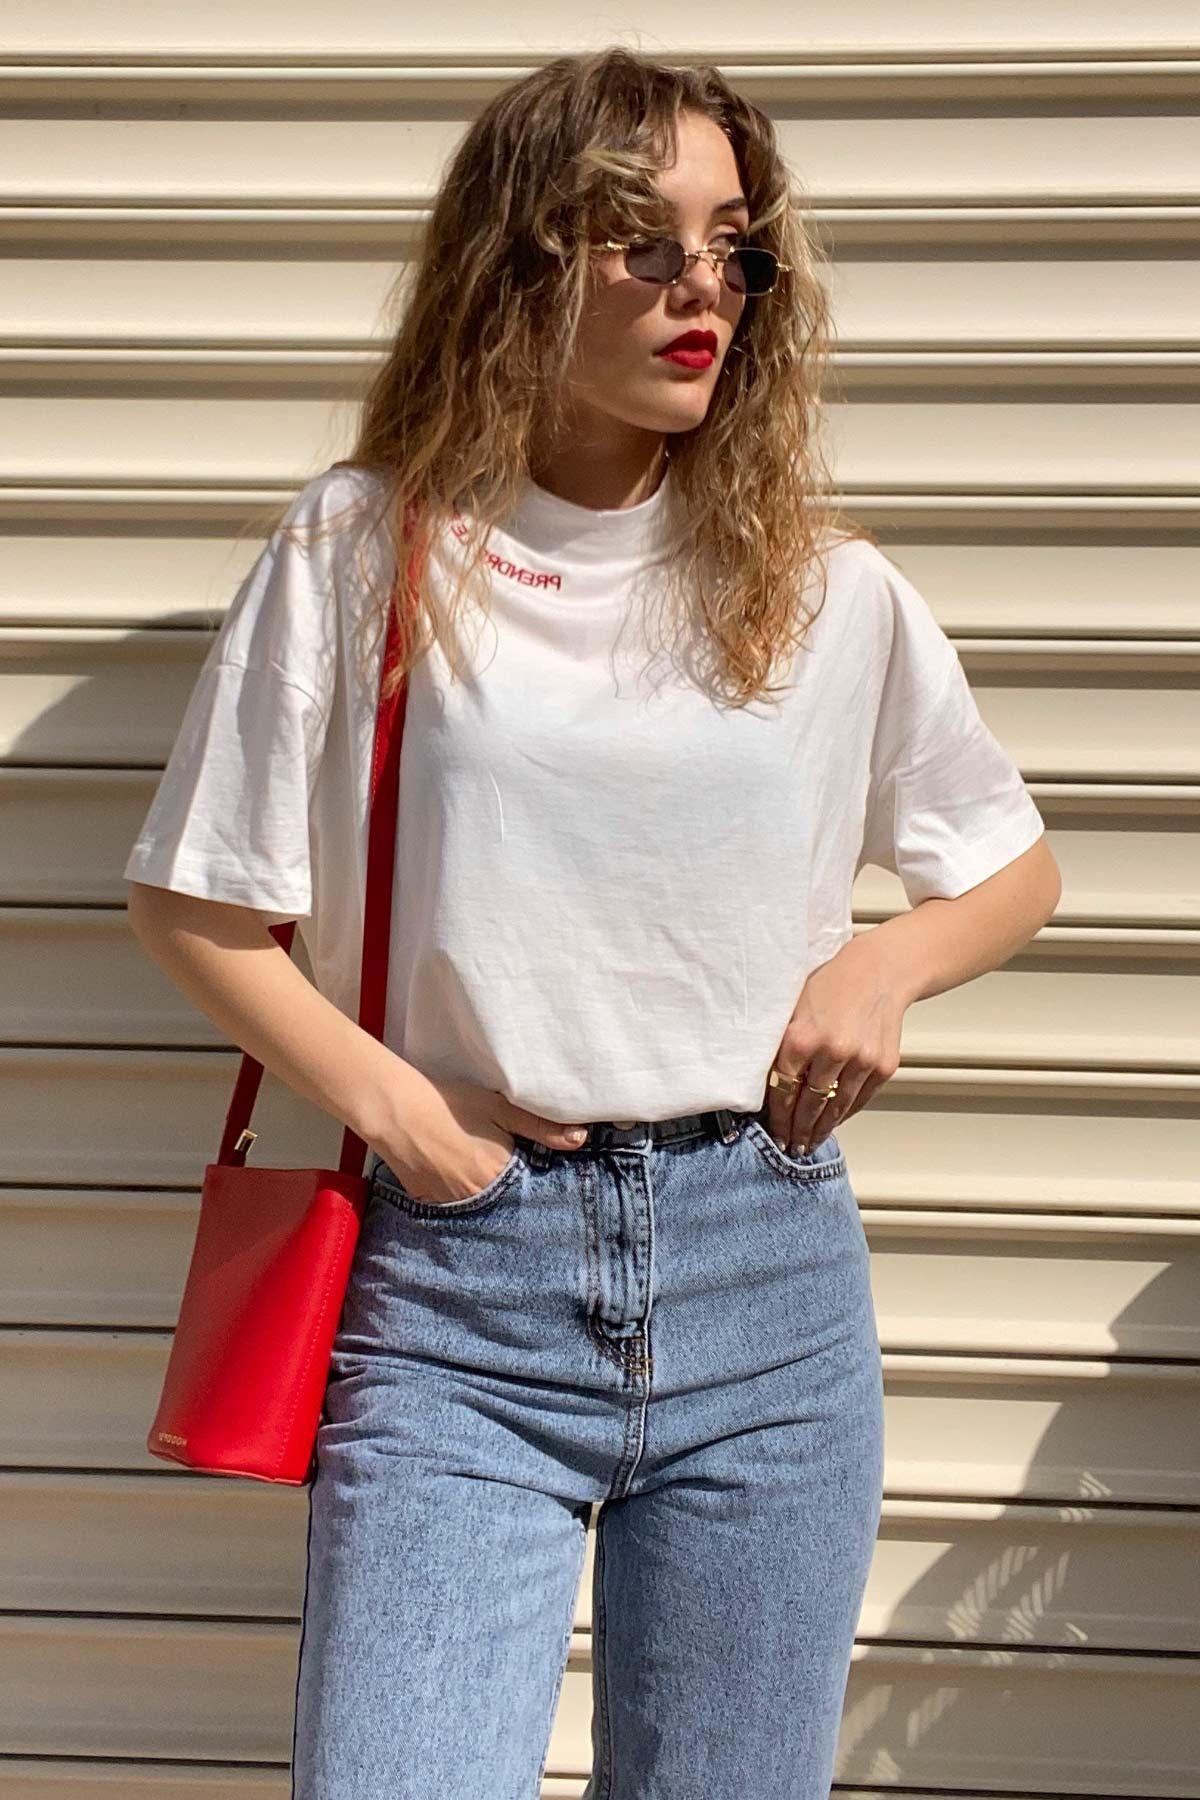 Elif'in Pouvoir T-shirt Kombini